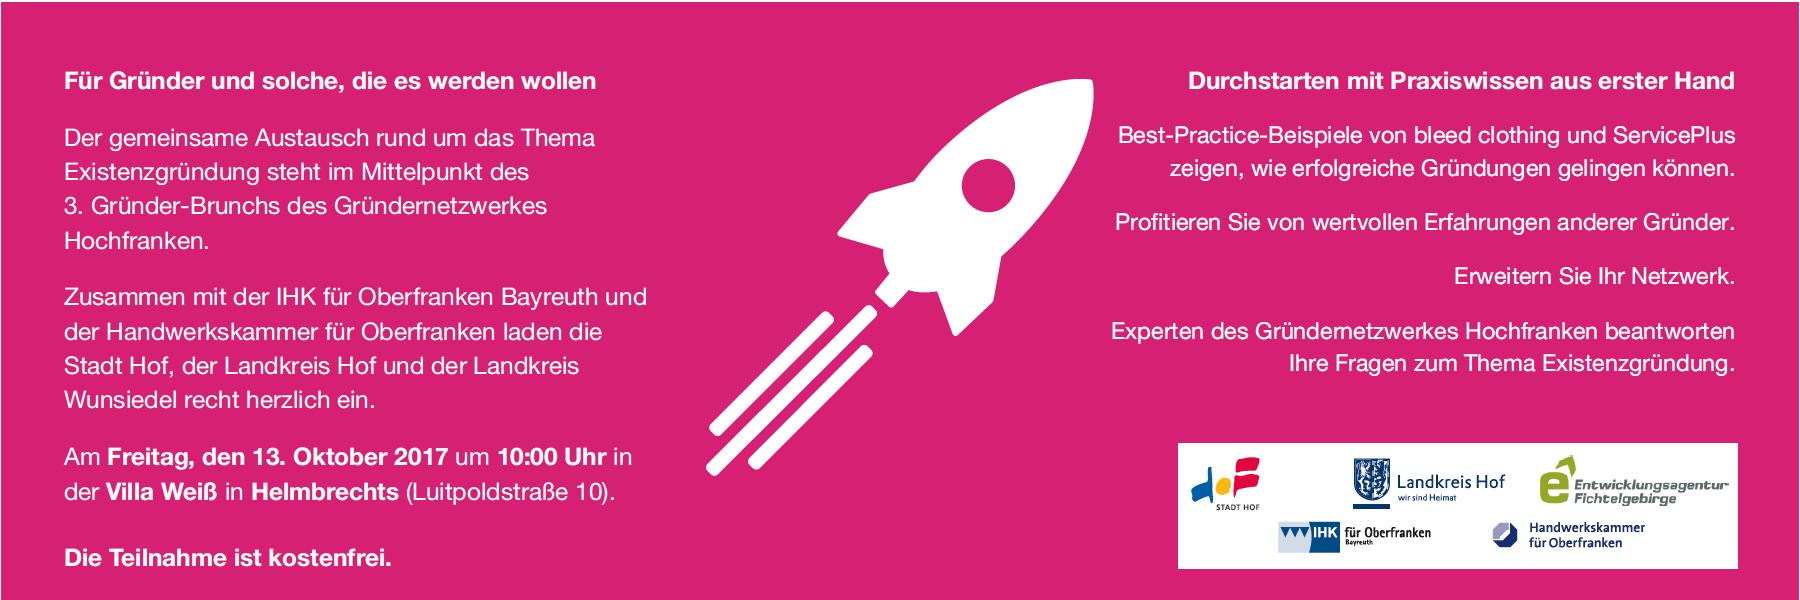 3. Gründerbrunch Gründernetzwerk Hochfranken in Helmbrechts